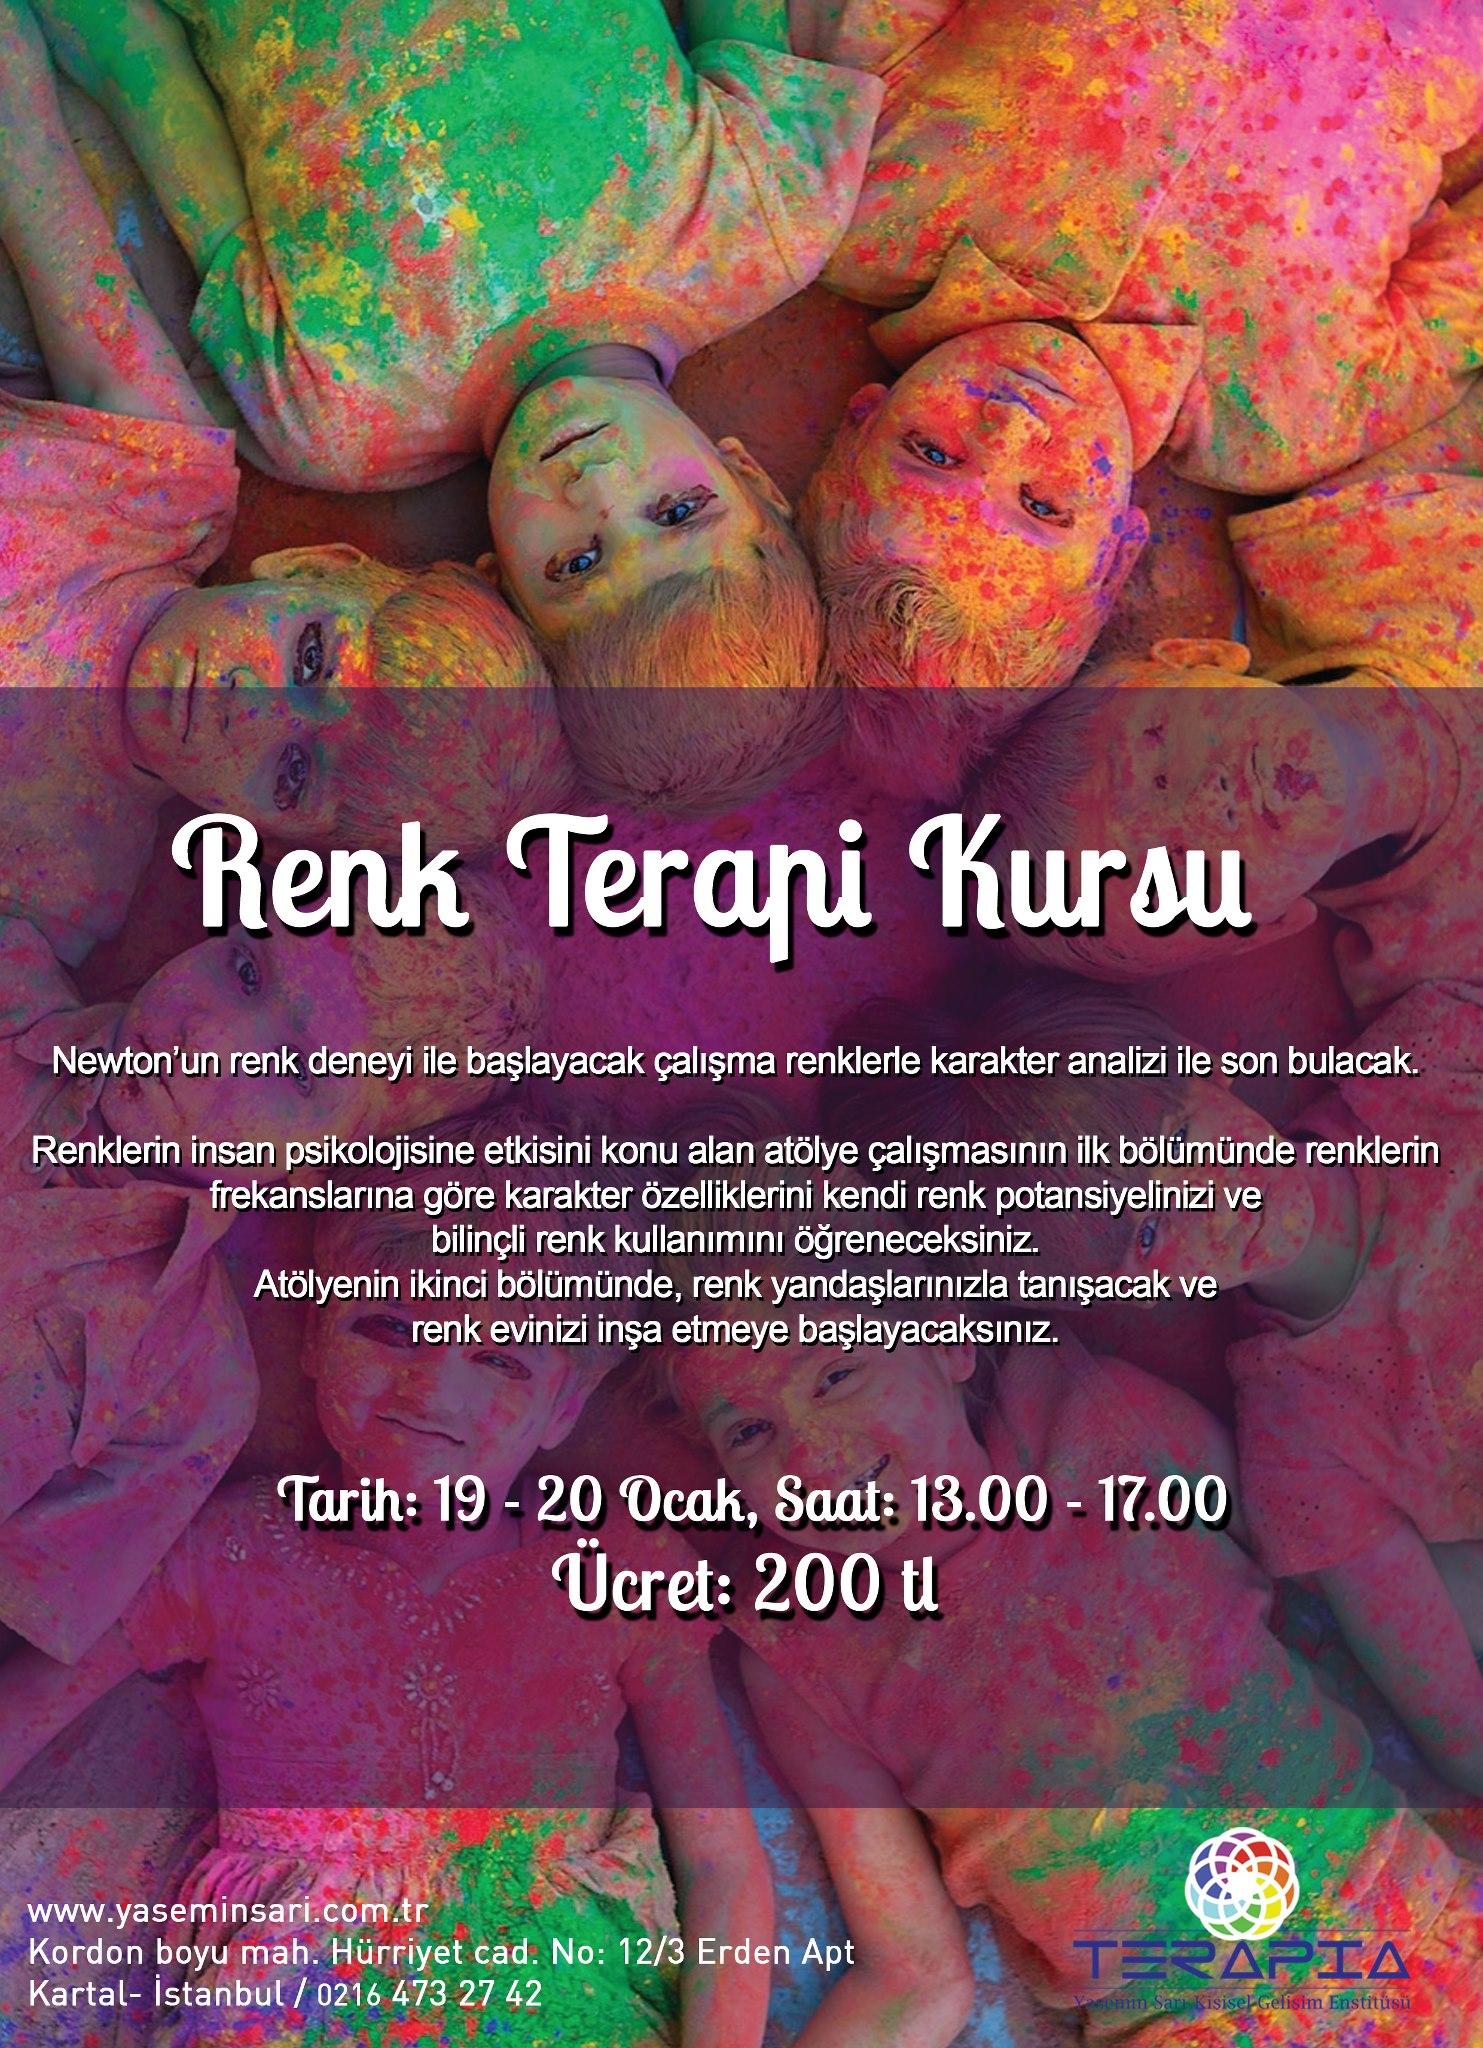 renk terapi kursu afiş